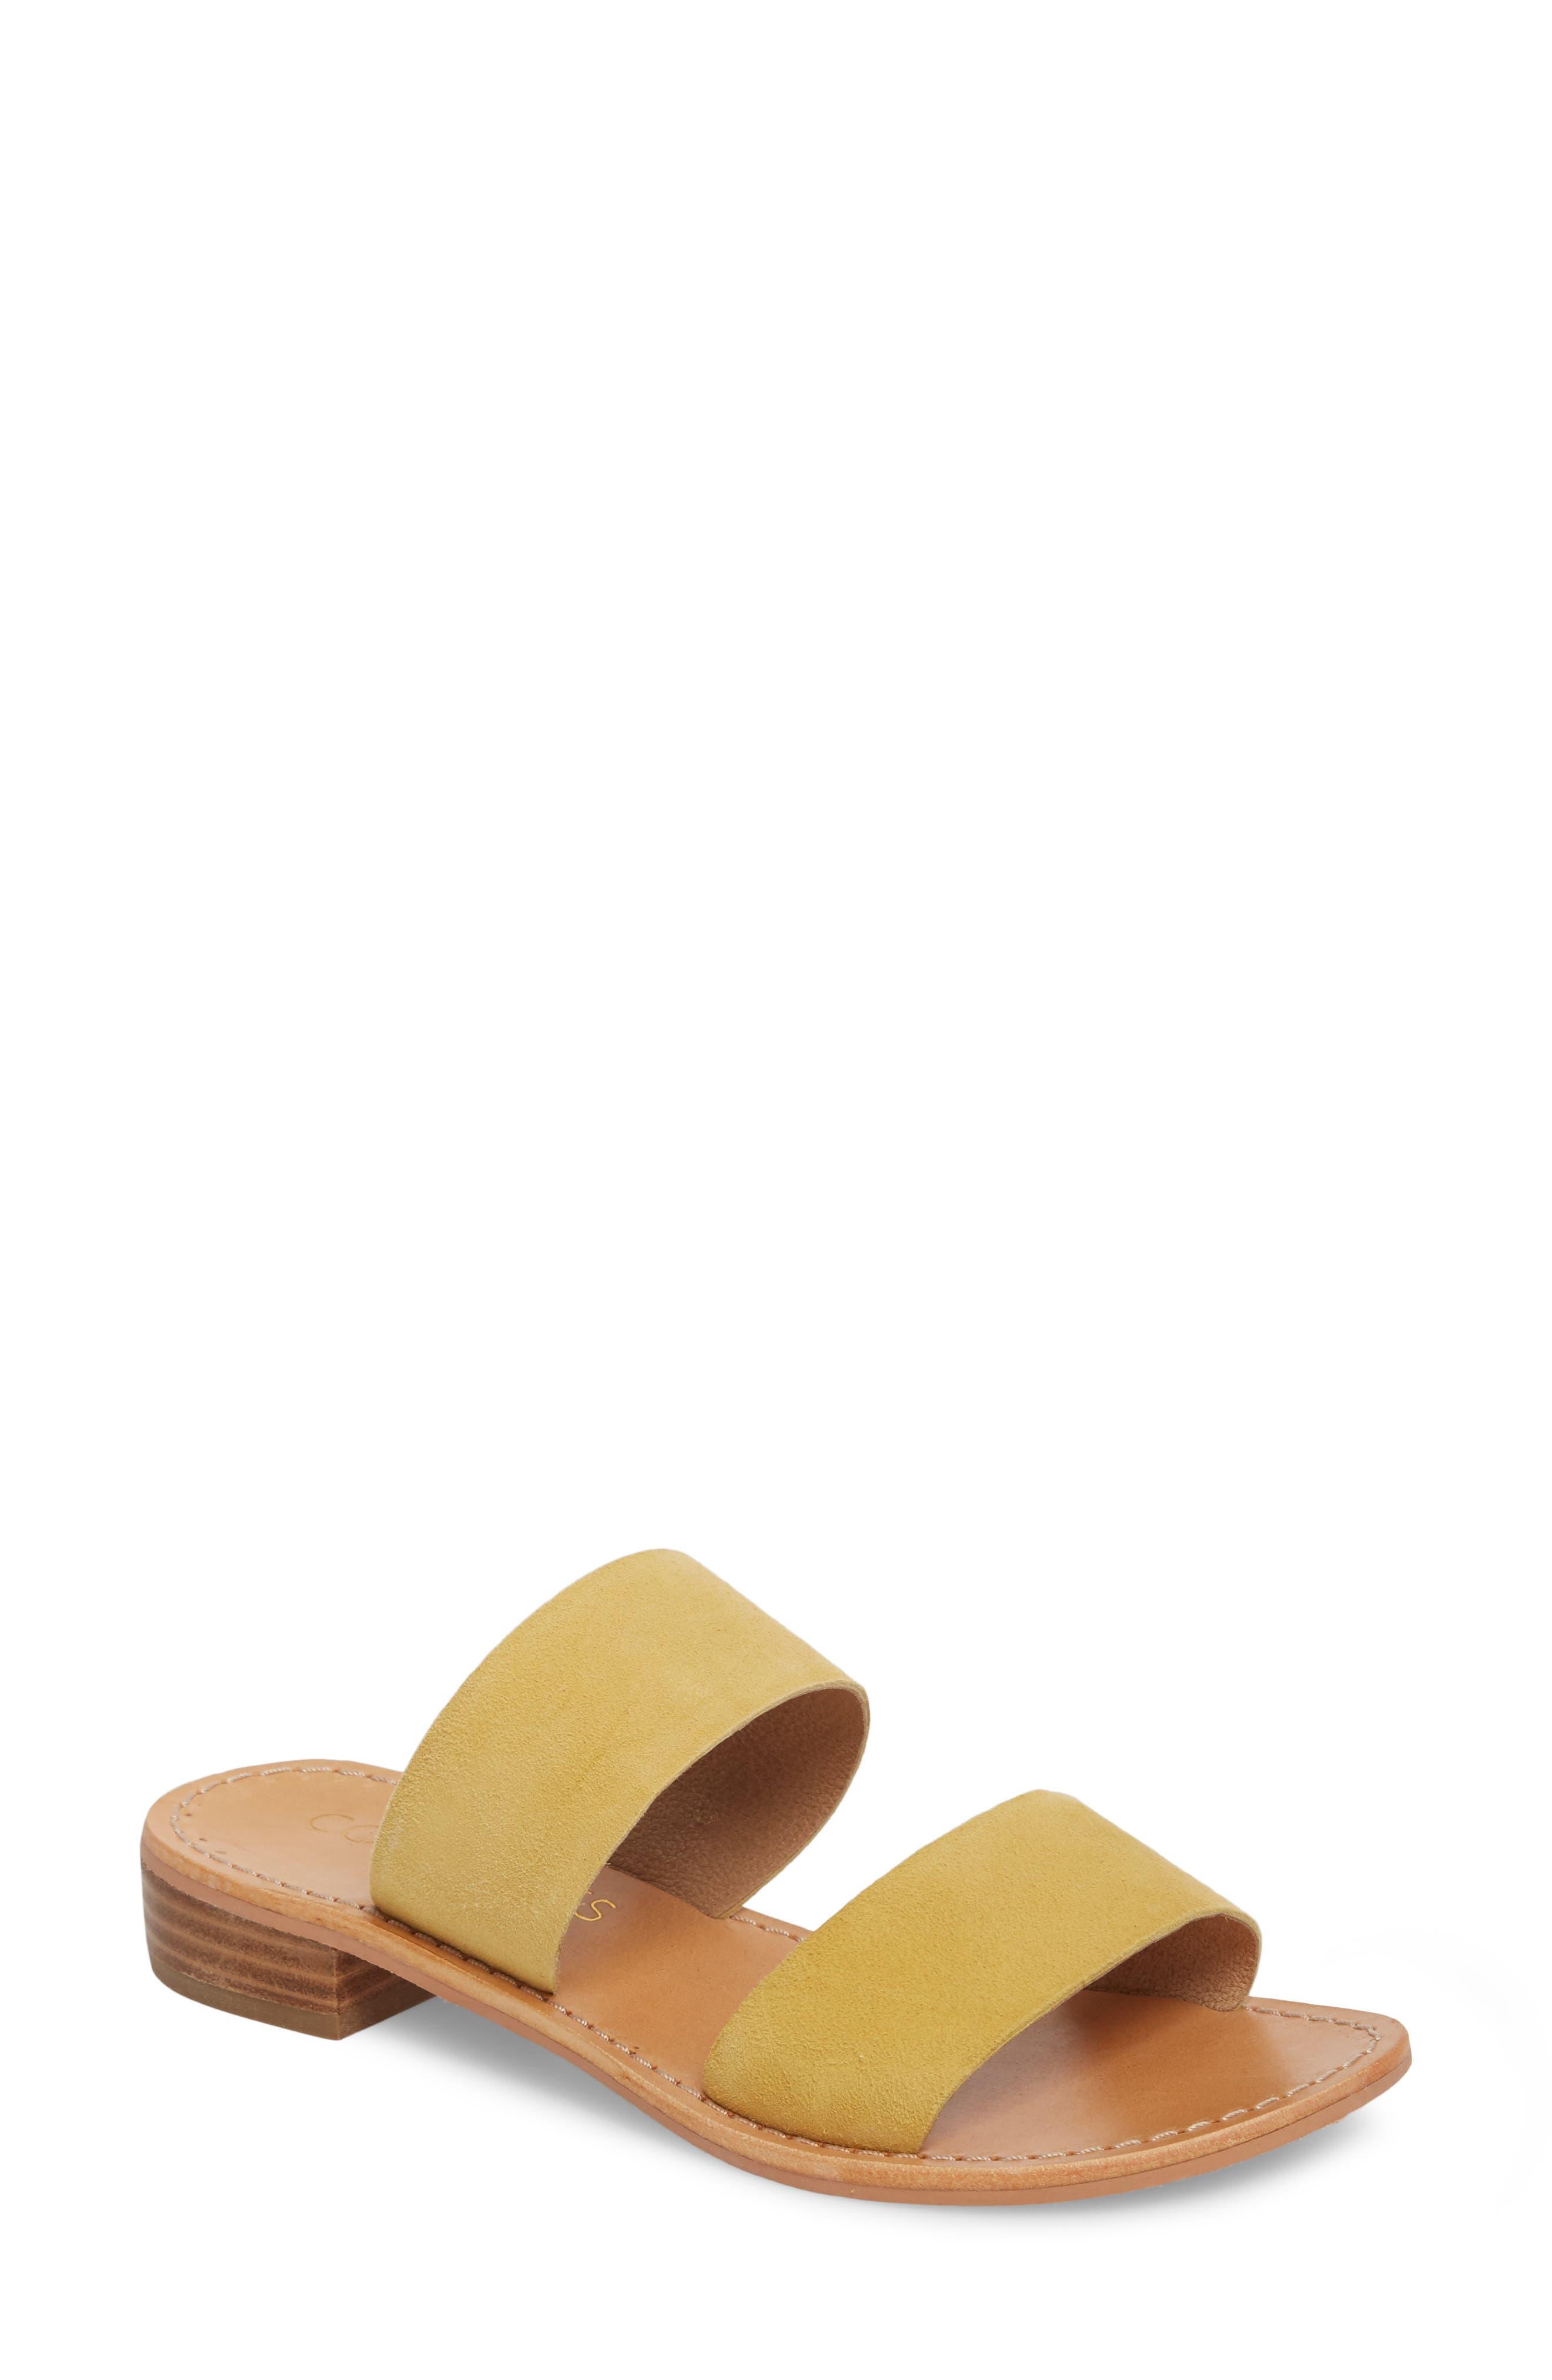 Limelight Slide Sandal,                             Main thumbnail 4, color,